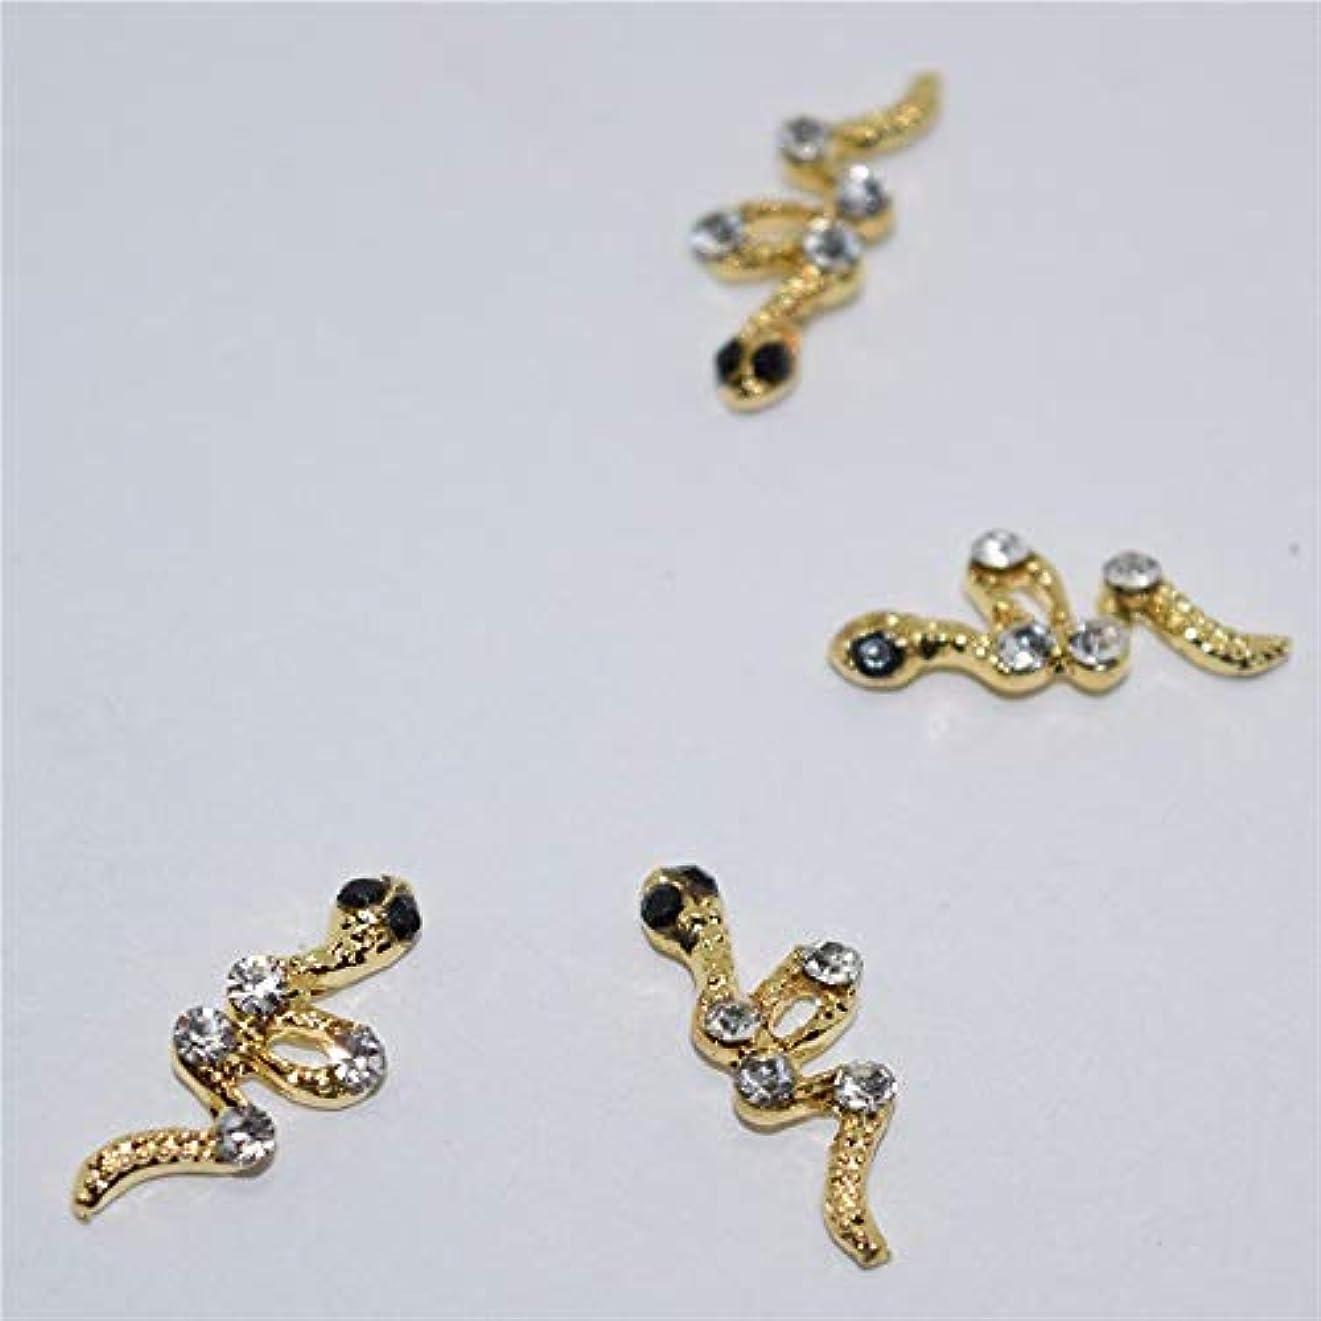 選ぶフォーカス熱心な10個入りゴールデンスネーク動物の3Dネイルアートの装飾合金ネイルチャームネイルズラインストーンネイル用品